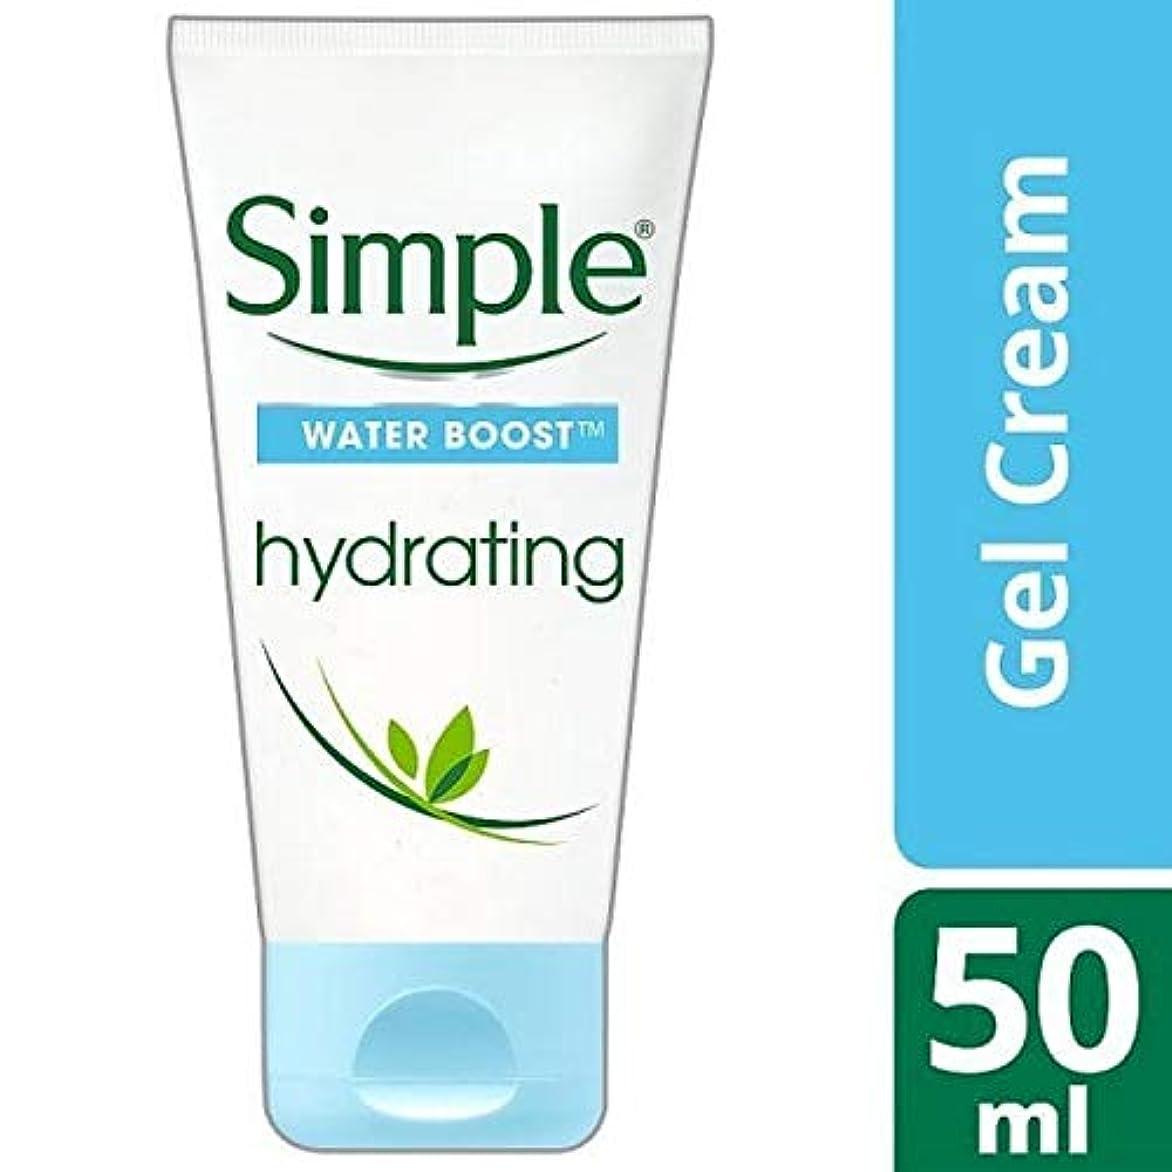 必要条件節約コショウ[Simple ] シンプルな水ブースト水和ゲルフェイスクリーム50Ml - Simple Water Boost Hydrating Gel Face Cream 50ml [並行輸入品]